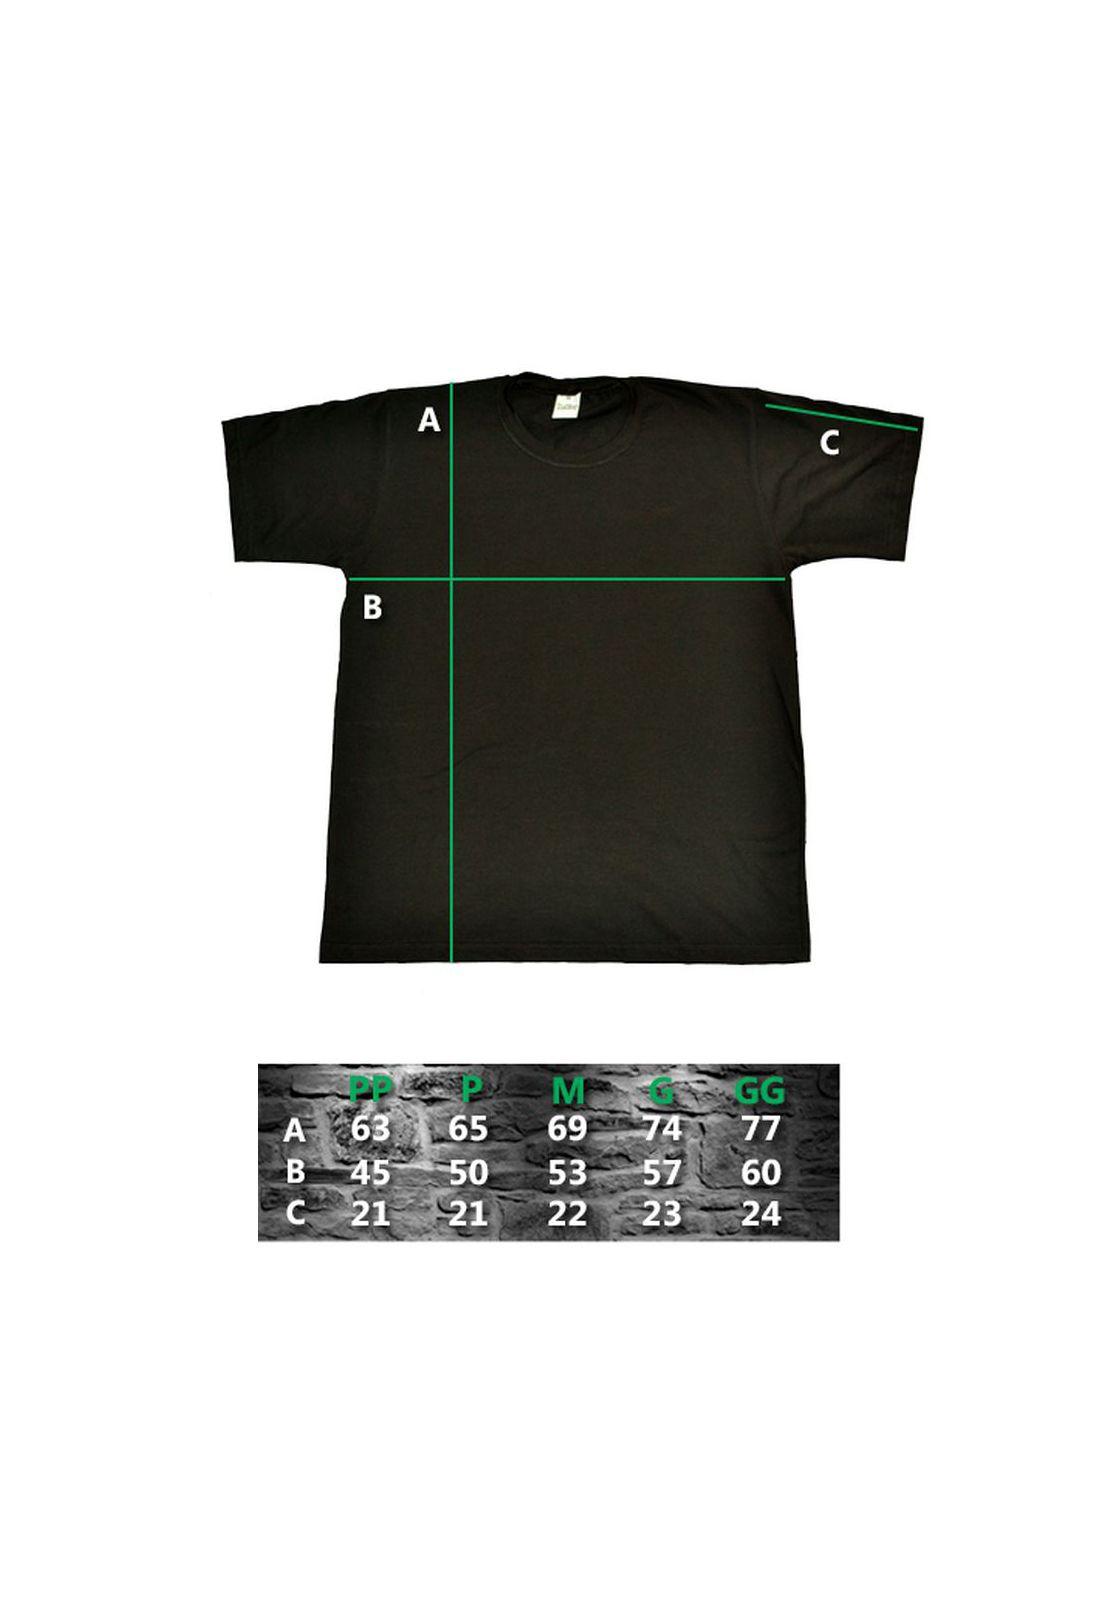 Camiseta Contra o Futebol Moderno - 002  - HShop